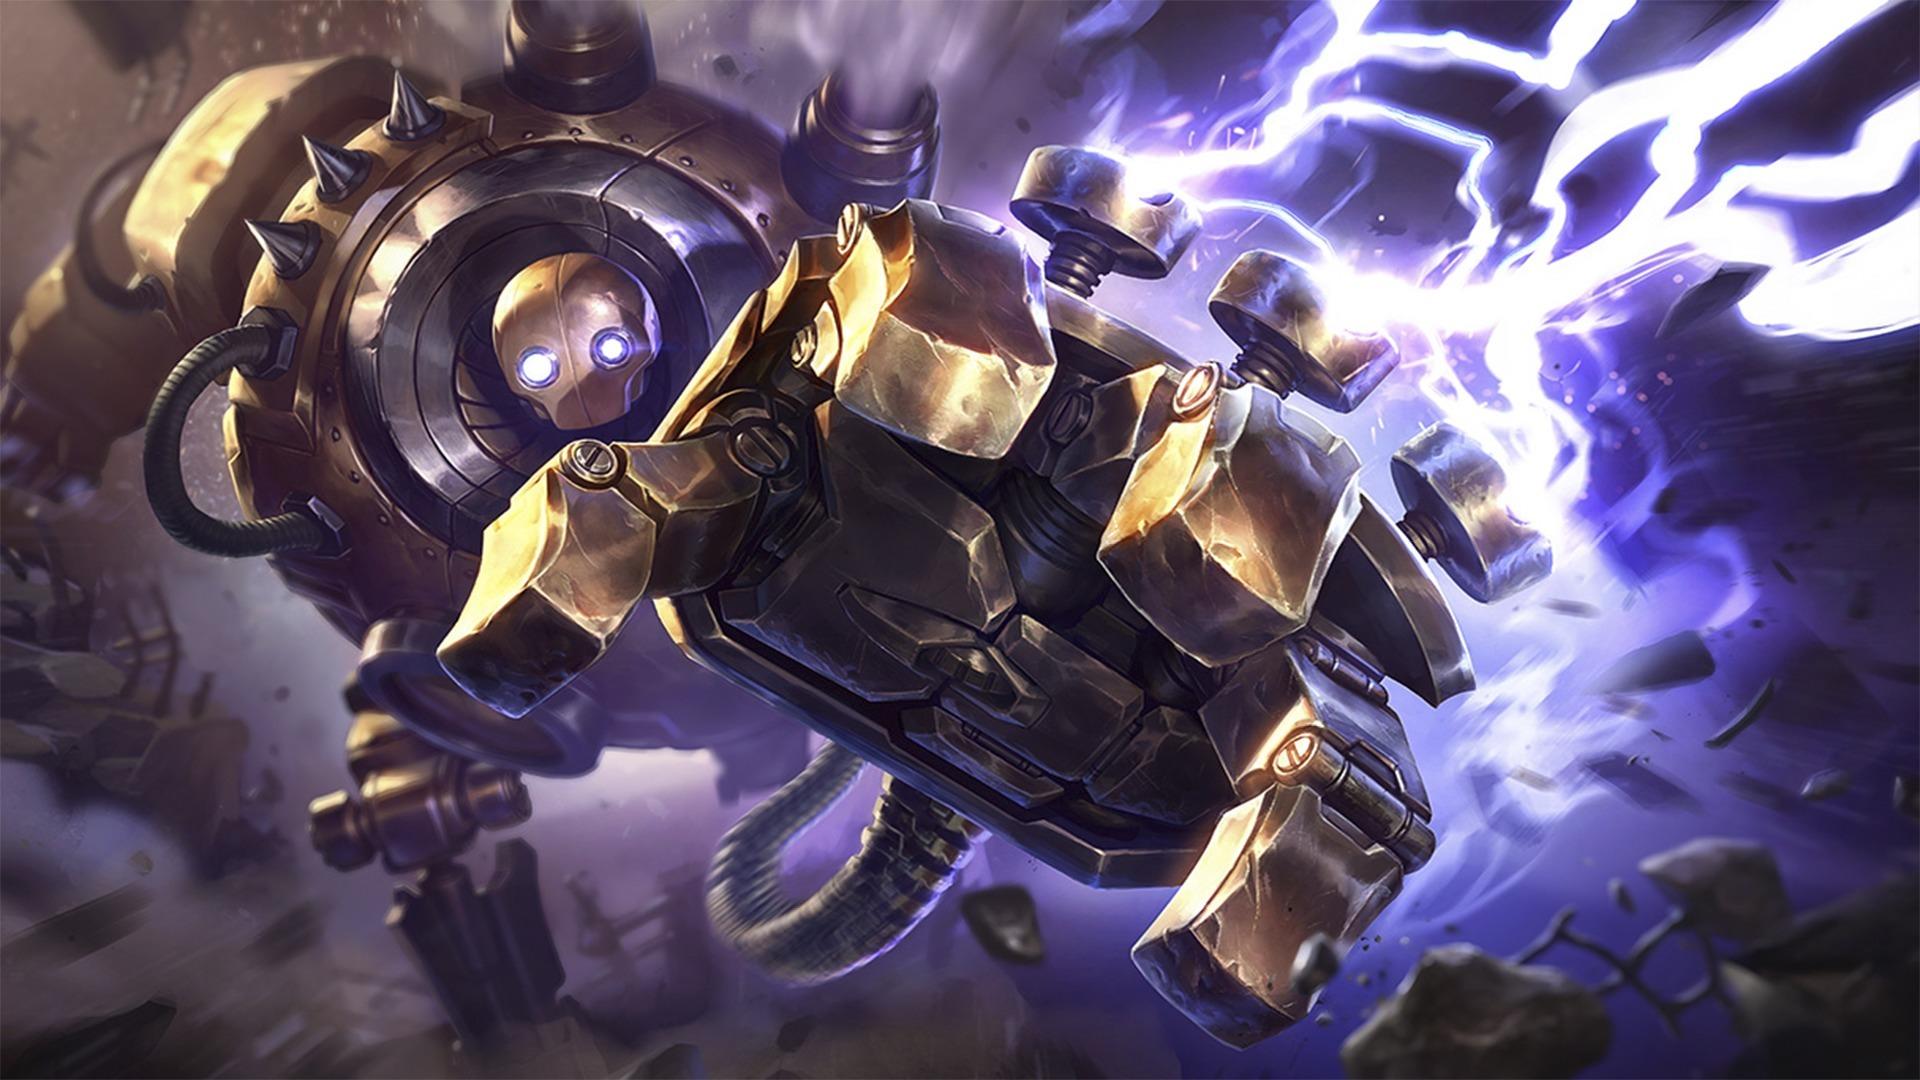 Wallpaper : Blitzcrank League of Legends, video games